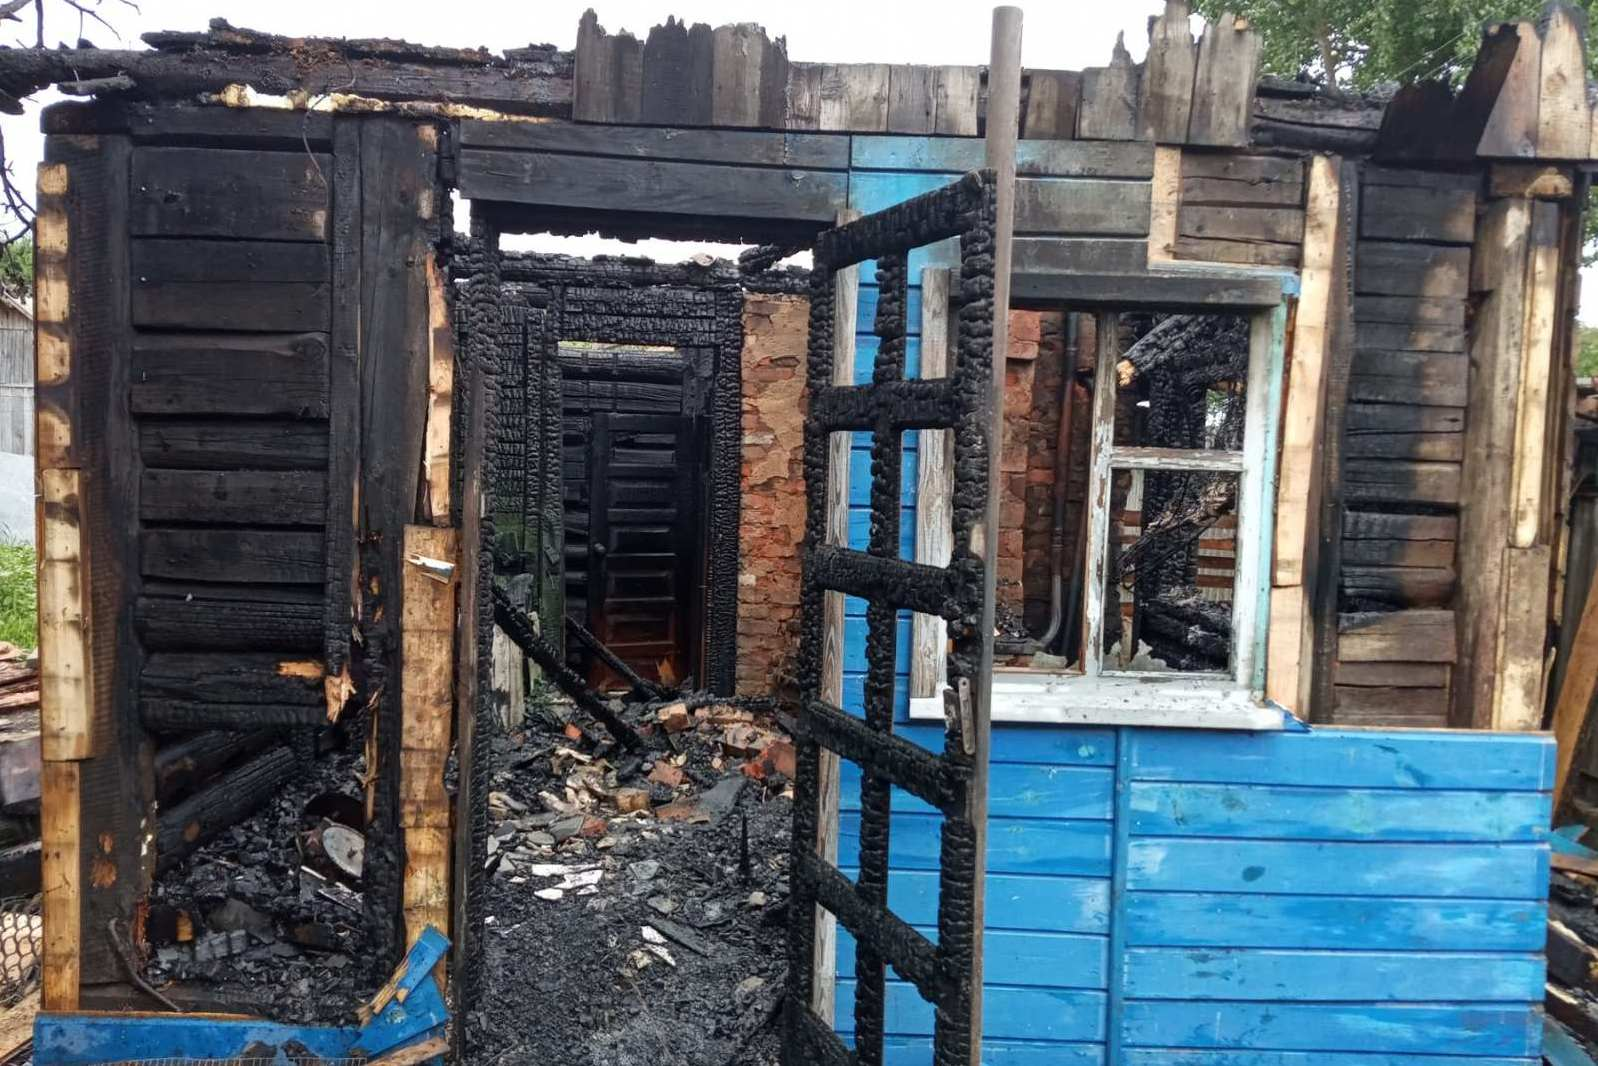 Упродовж минулої доби вогнеборці Чернігівщини ліквідували 3 пожежі (Фото)